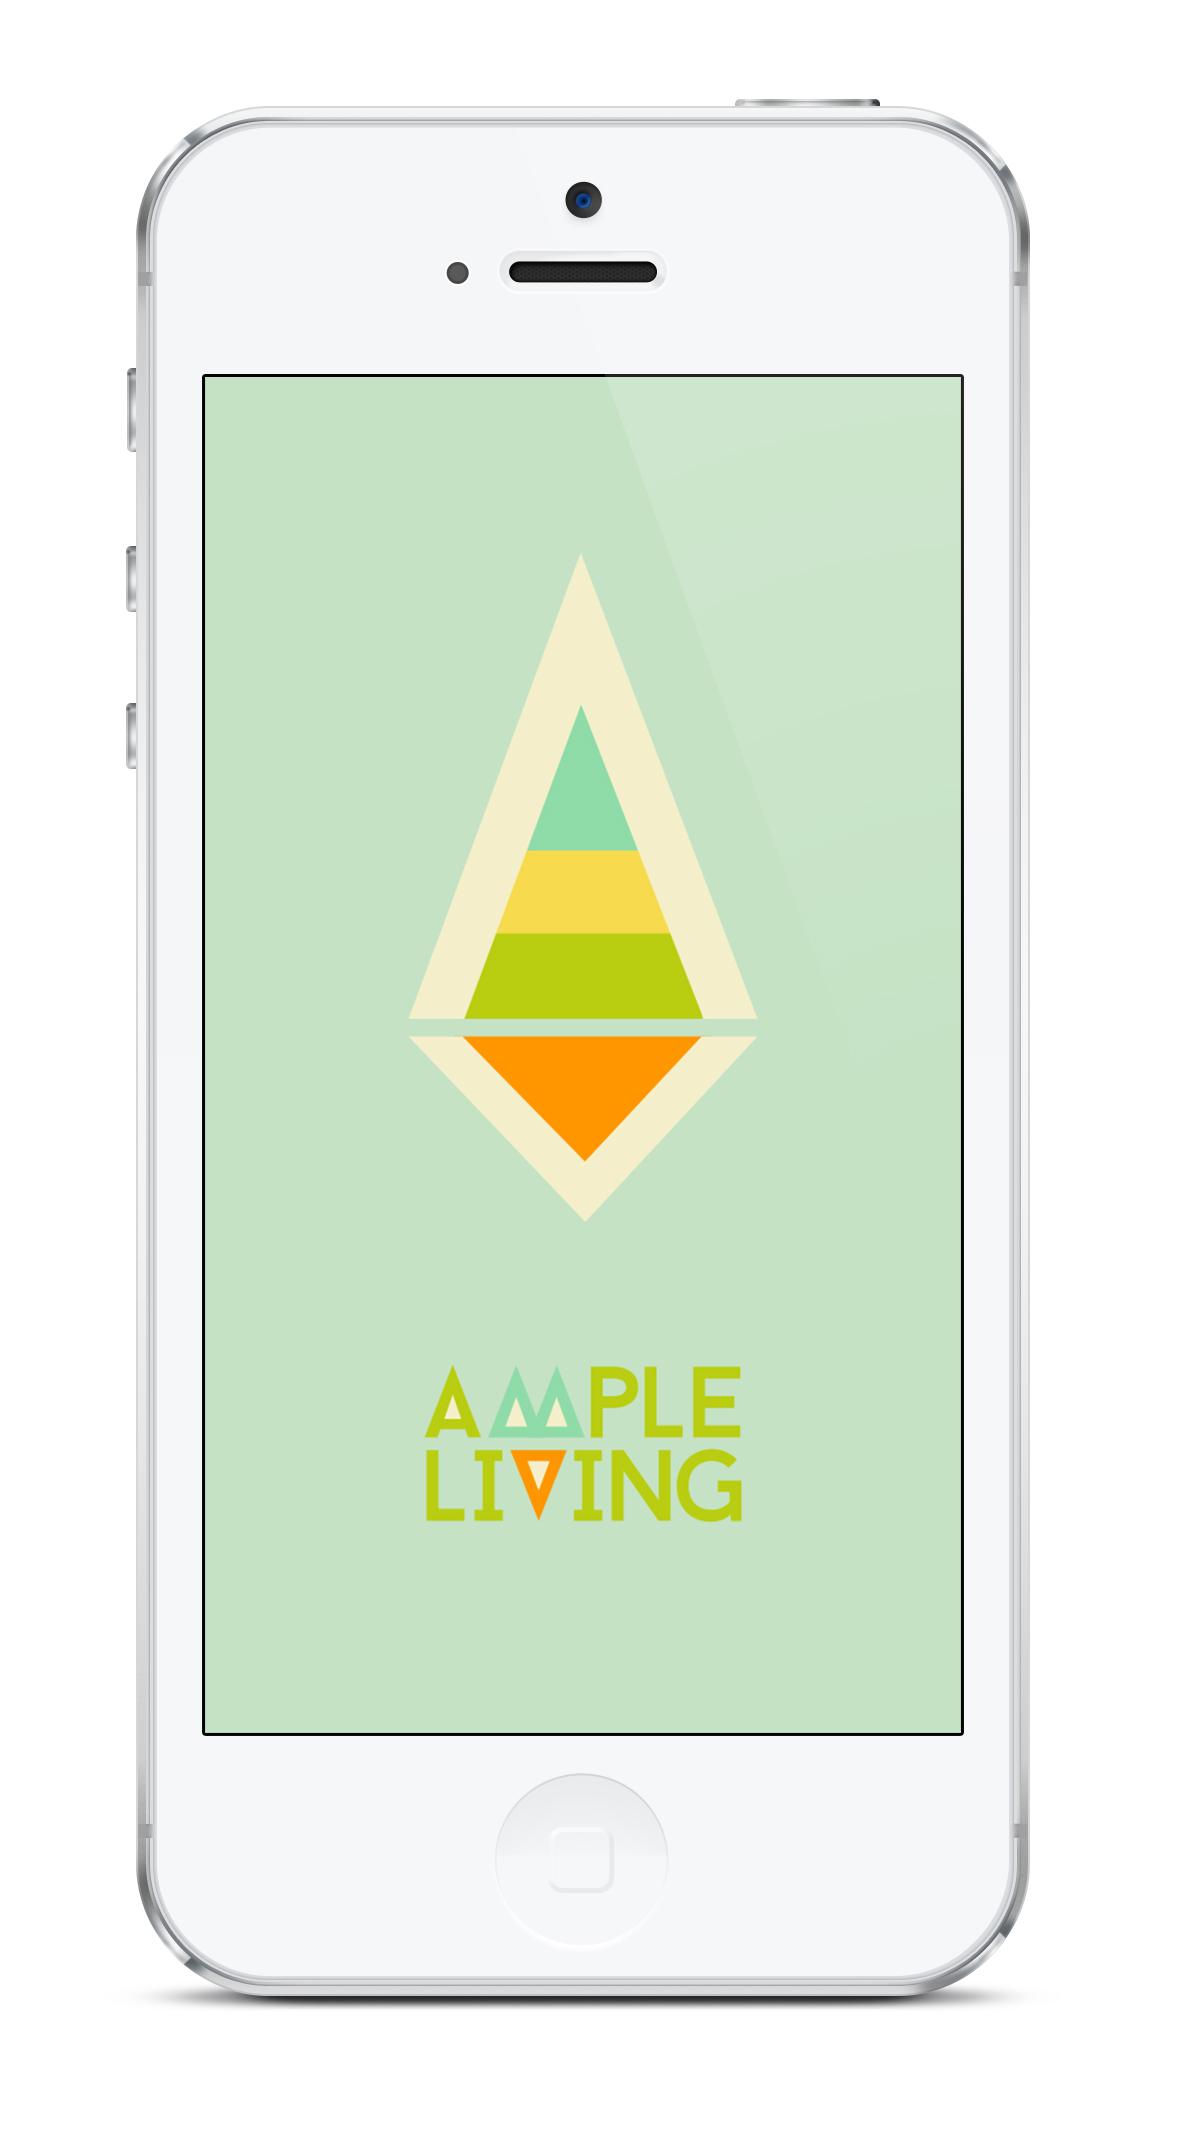 ample_living_4.jpg